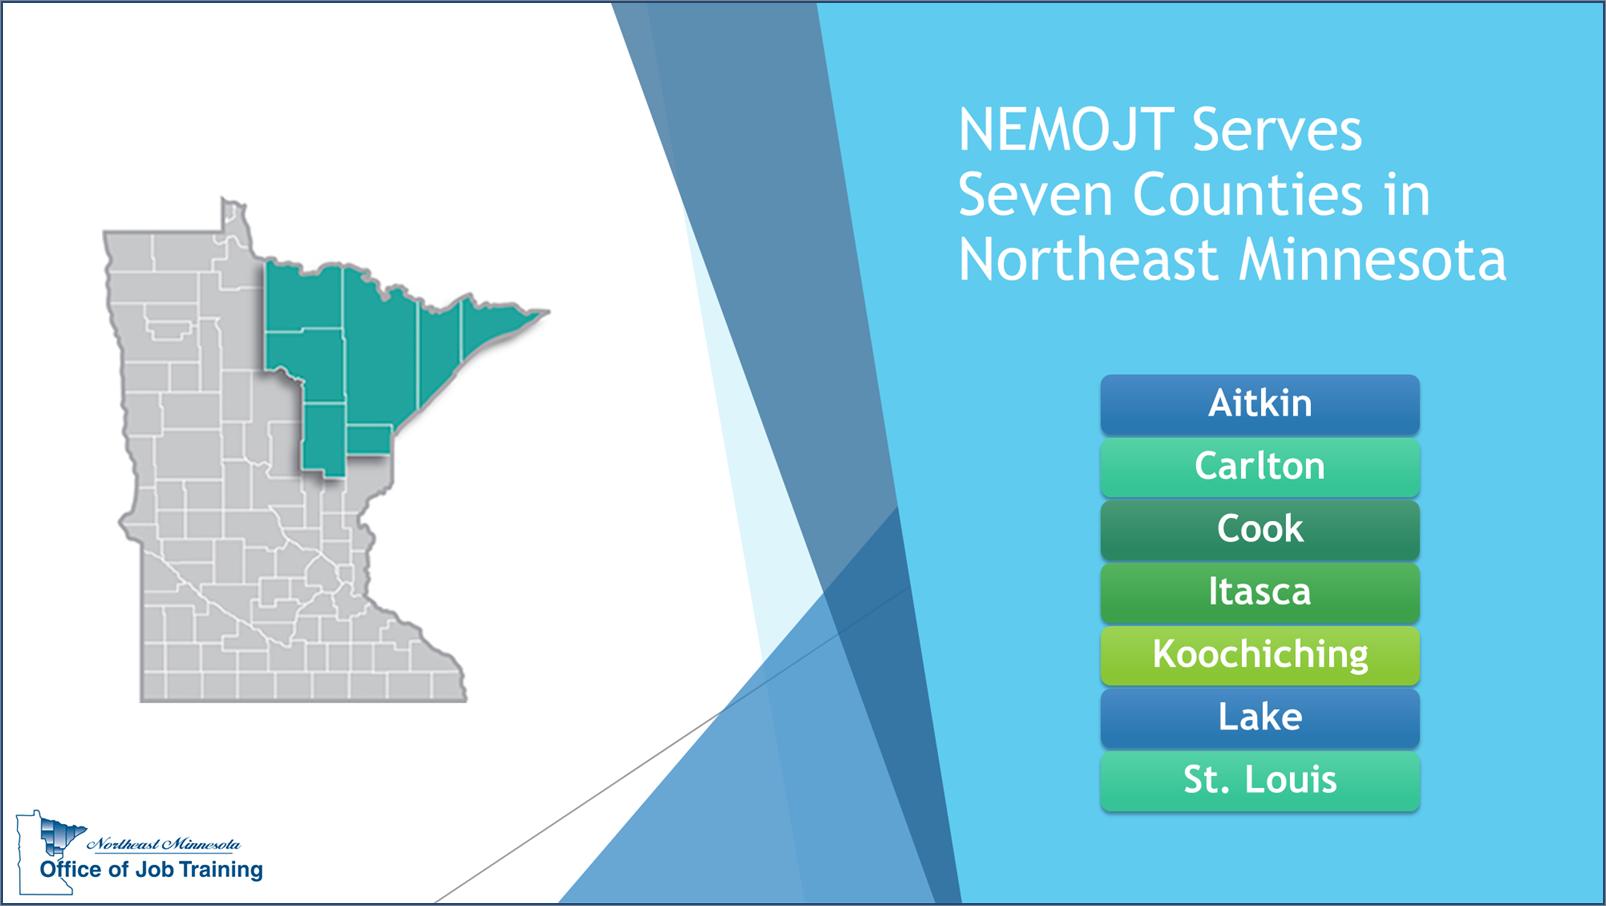 Seven Counties in Northeast Minnesota